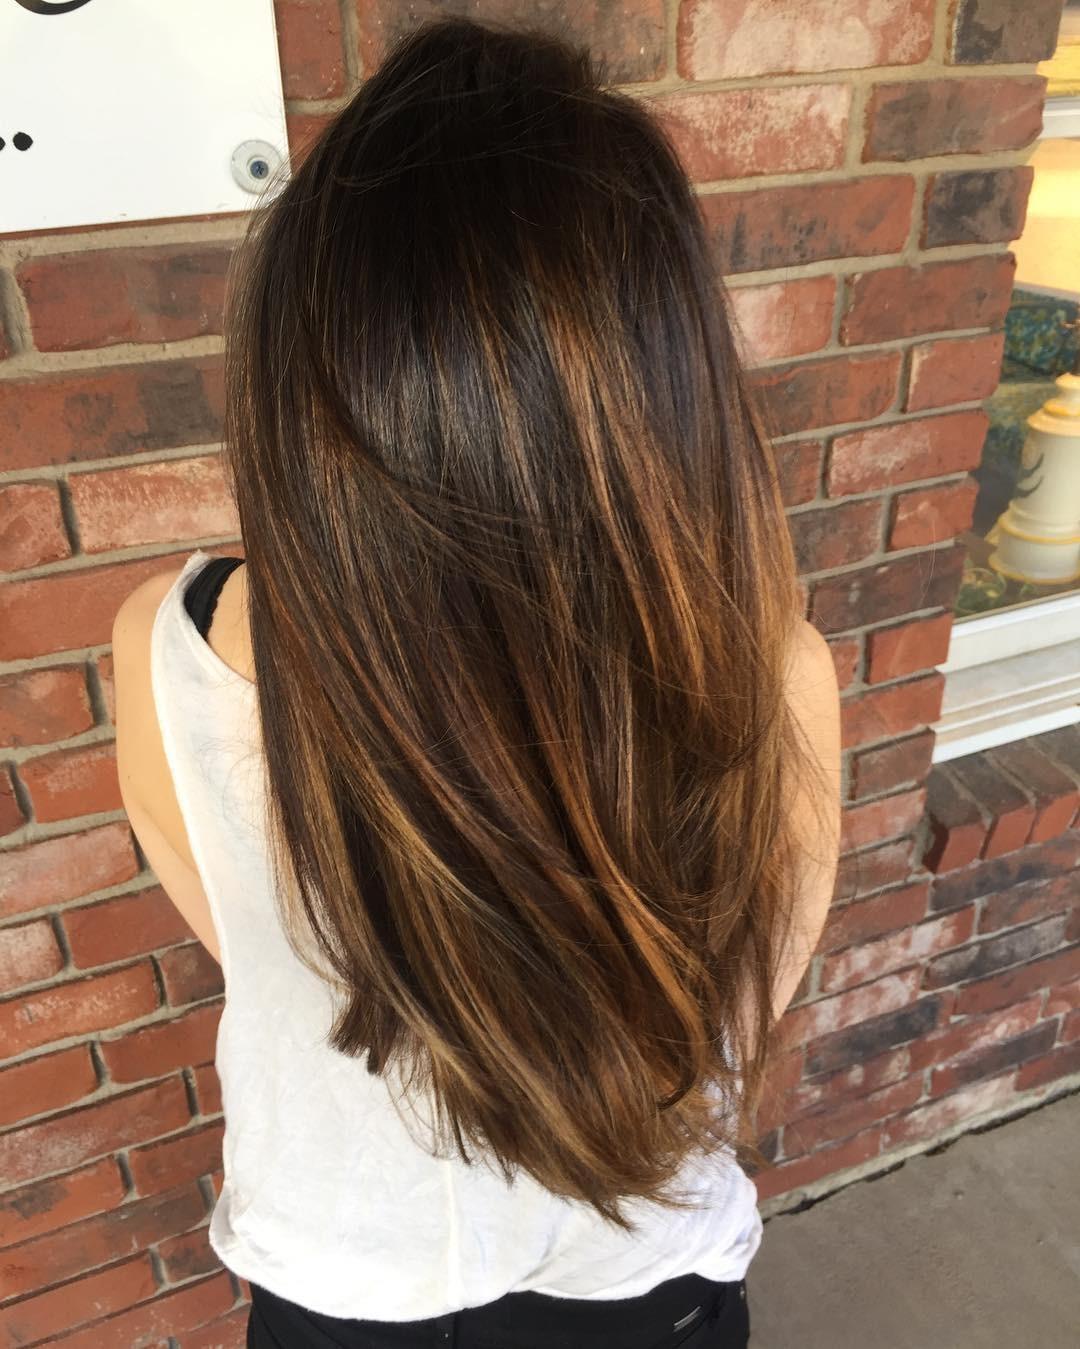 шатуш на прямые волосы: вид сзади